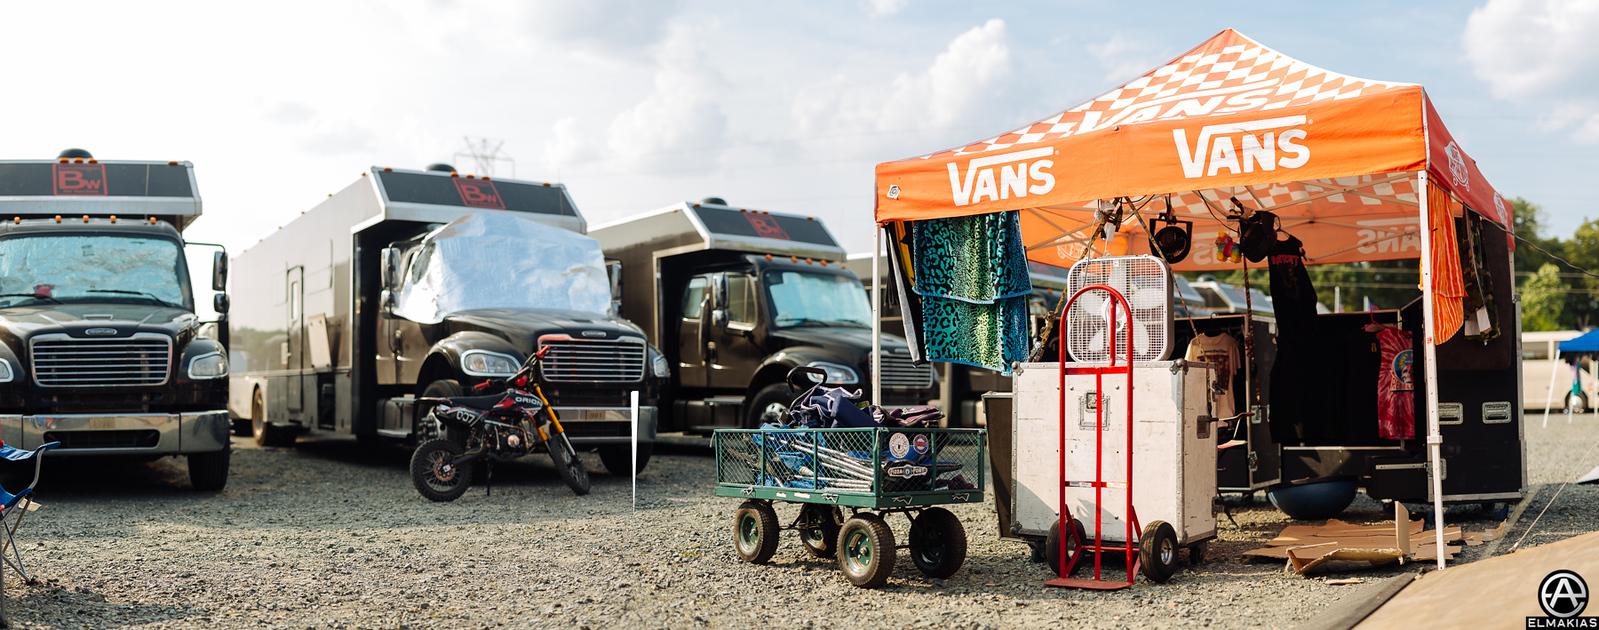 Trucks at Warped Tour 2015 by Adam Elmakias